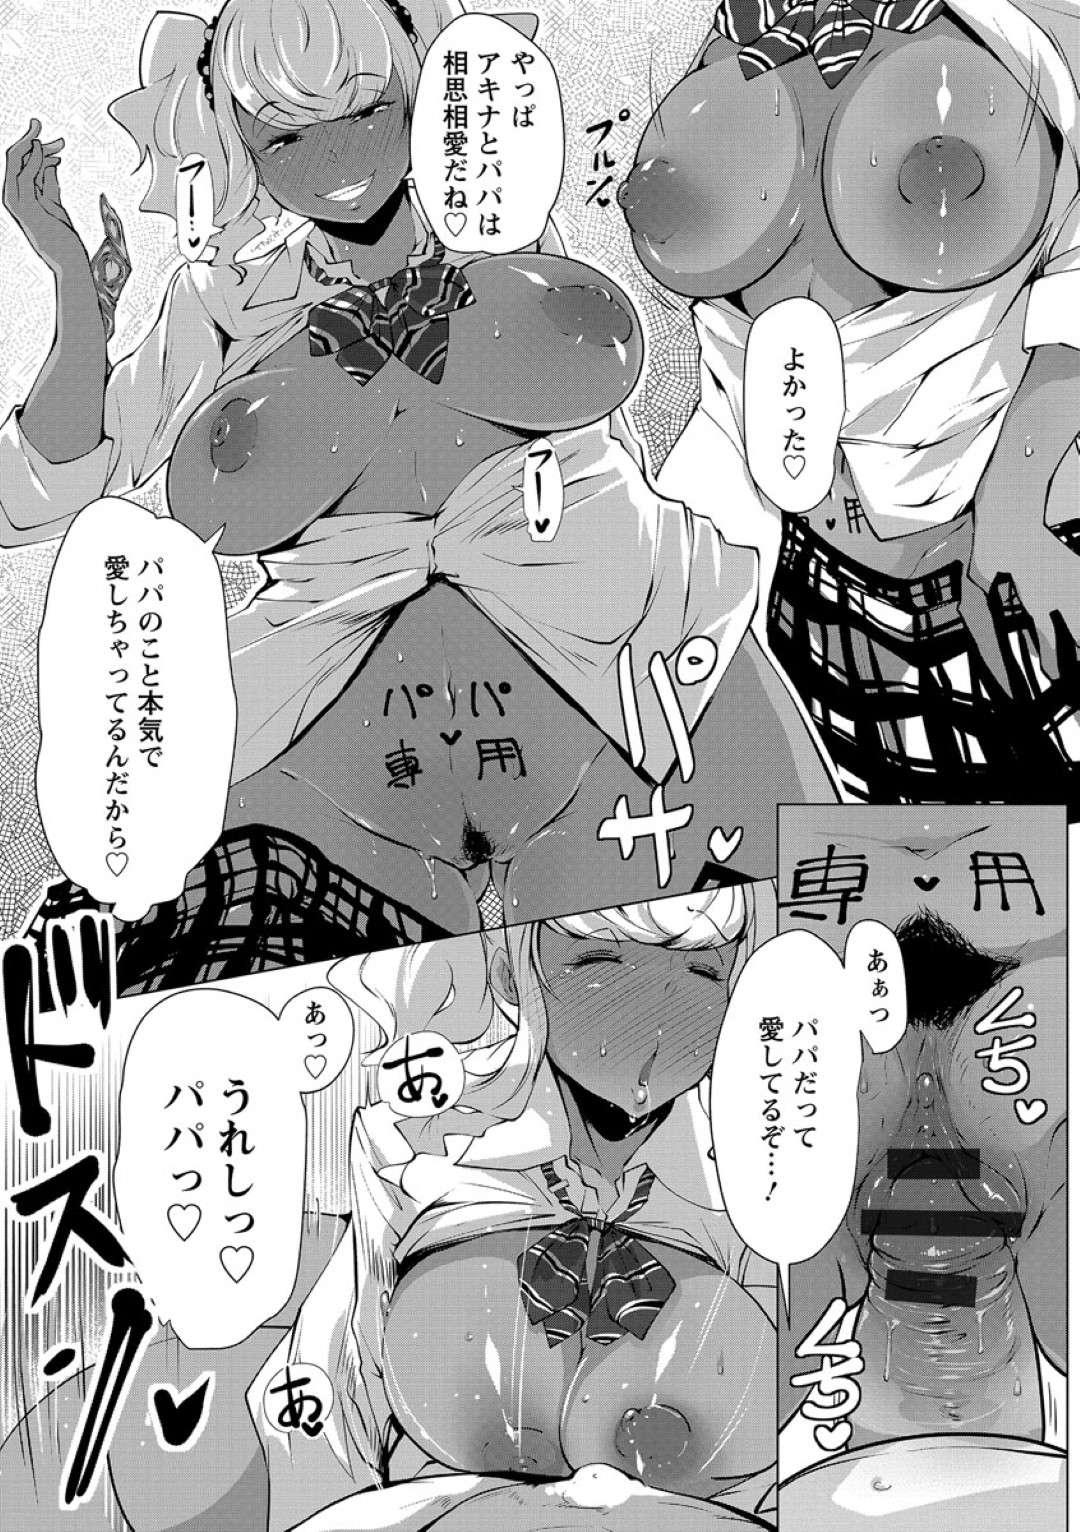 【エロ漫画】知らないおじさんと同棲するようになったムチムチ黒ギャルJK。淫乱な彼女は彼にエッチな事を求めて手コキしたり、アナル舐め、フェラなどご奉仕した挙げ句、中出しセックスする!